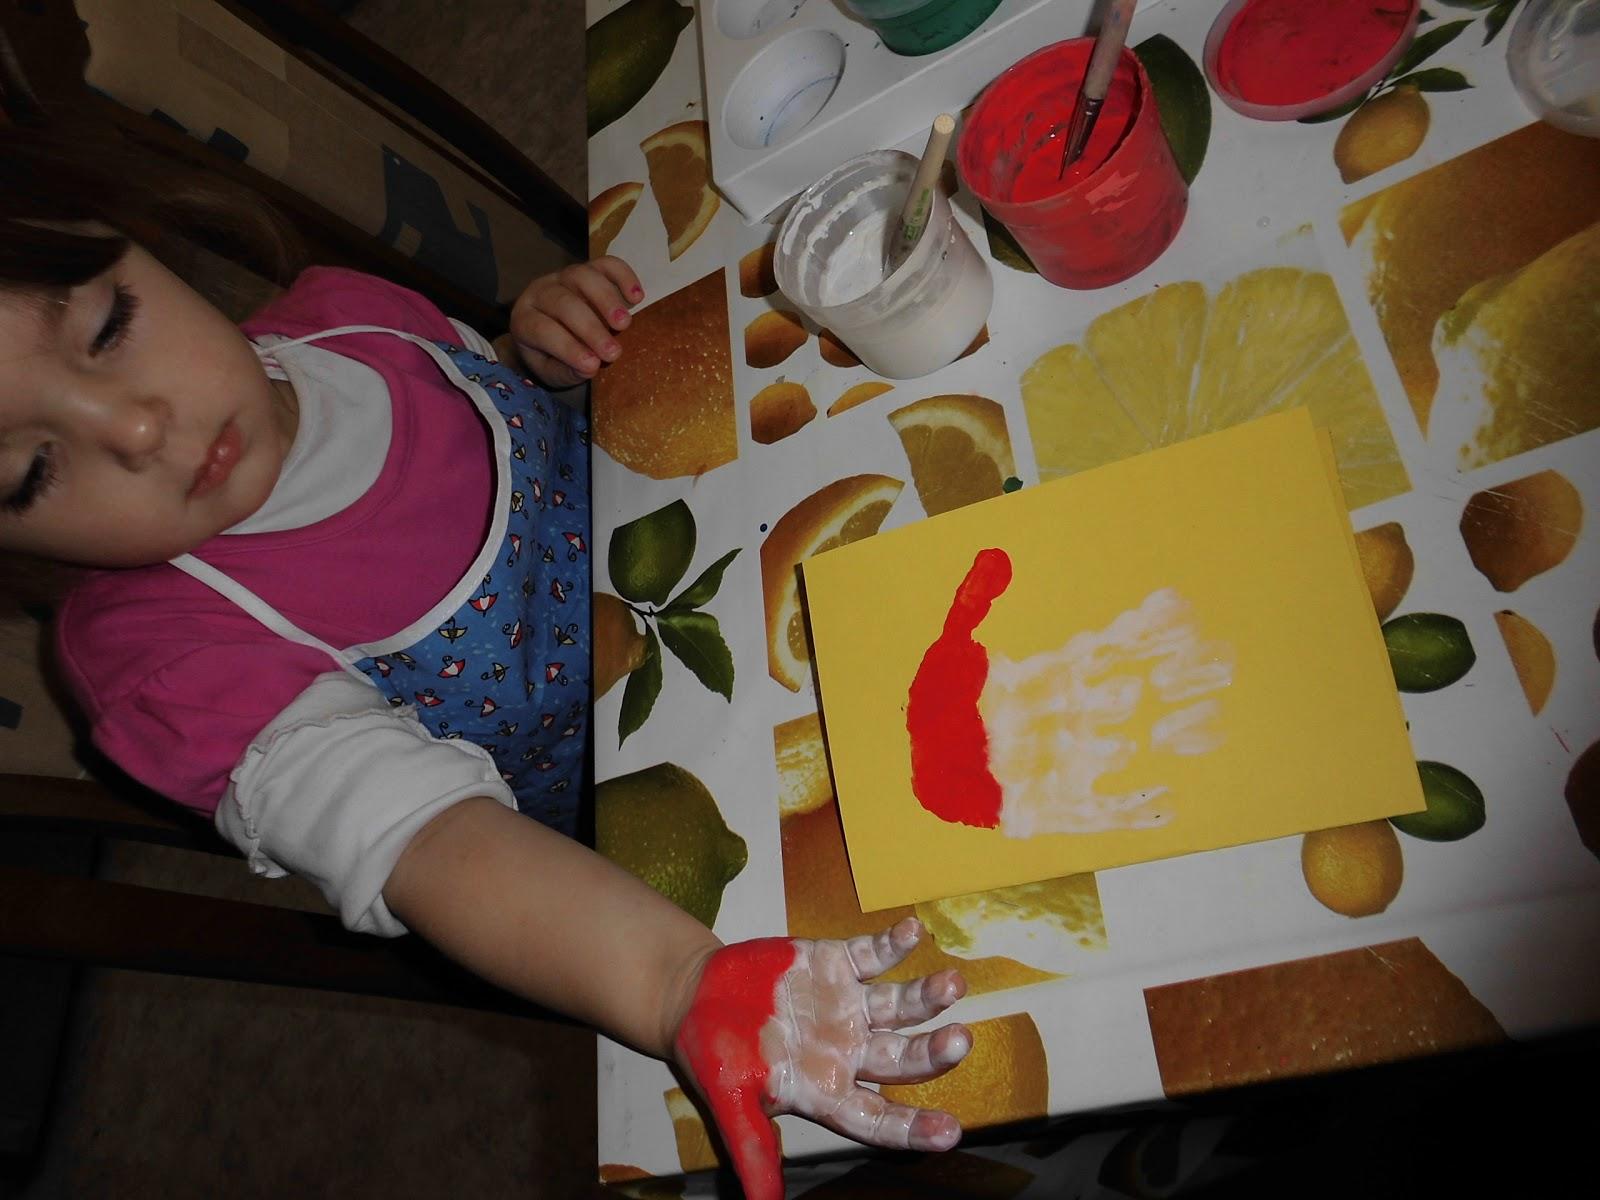 Basteln mit kindern weihnachtskarten selbst gestalten - Weihnachtskarten basteln mit kindern ...